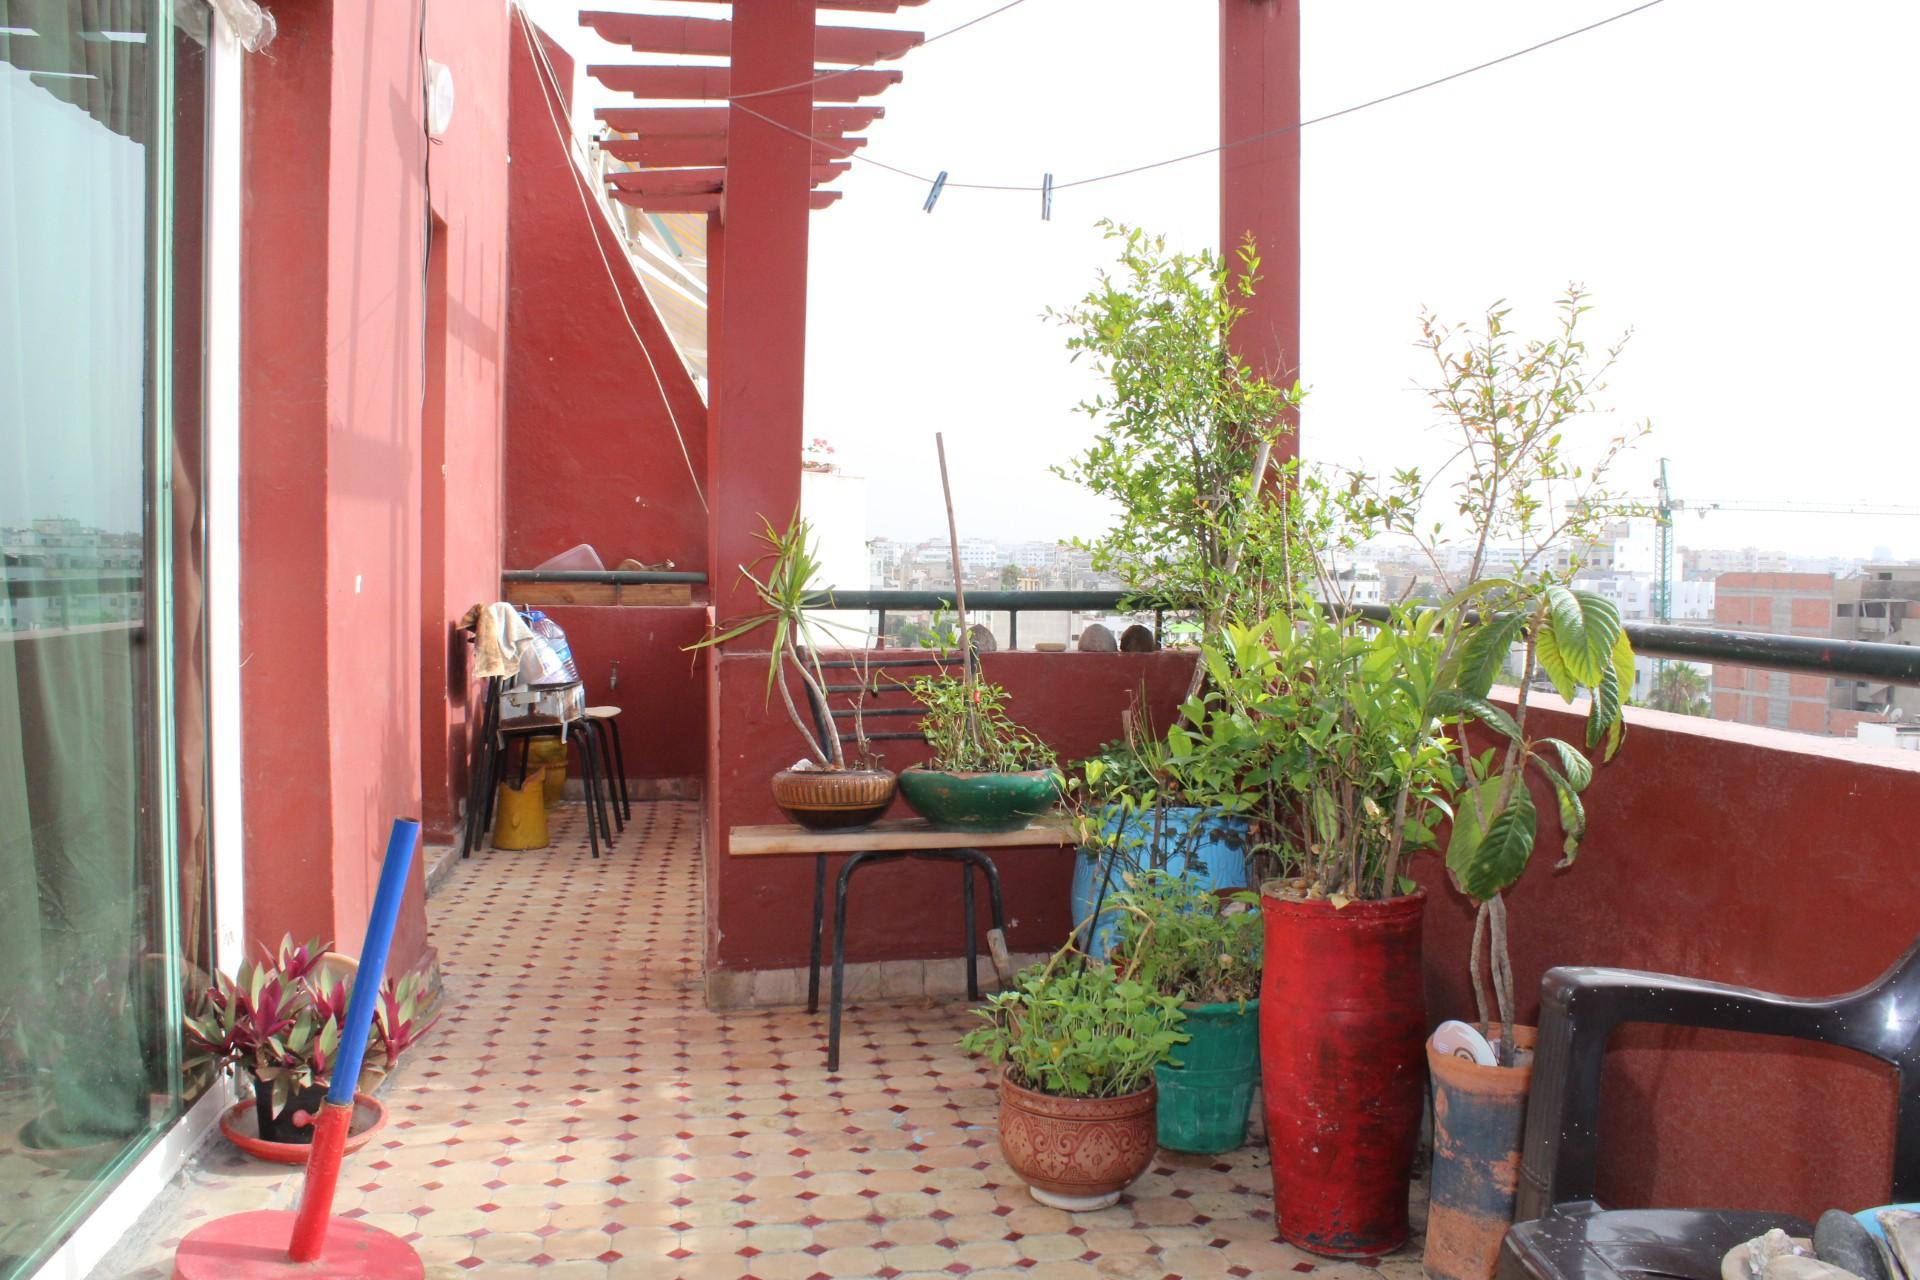 Maroc , Casablanca, Palmier , a vendre appartement au dernier étage avec terrasse ensoleille de 20 M2